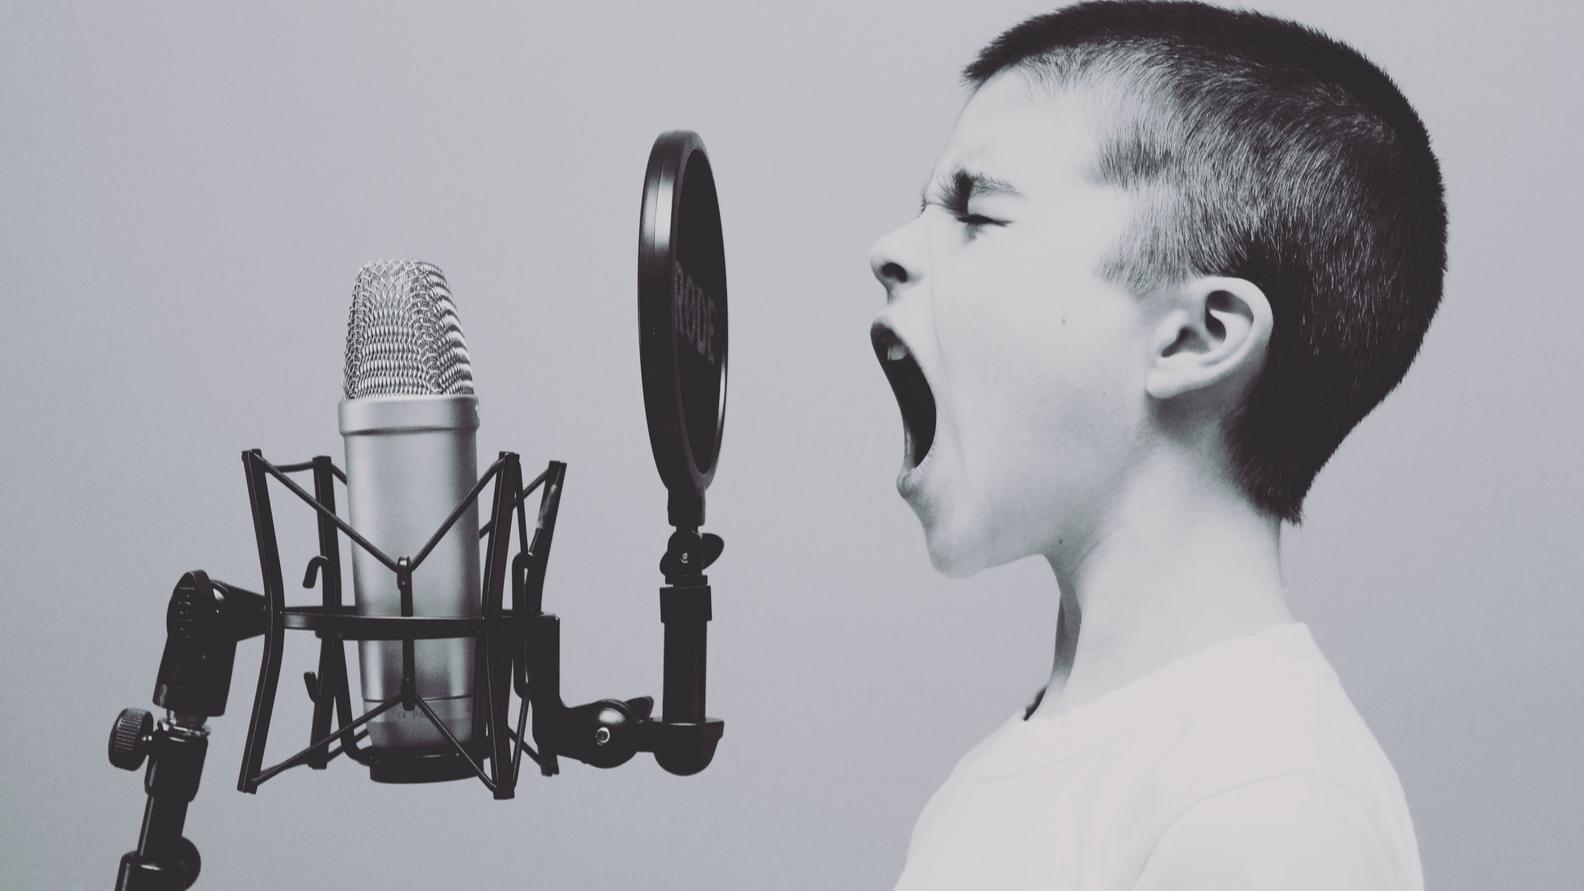 A boy starting a podcast